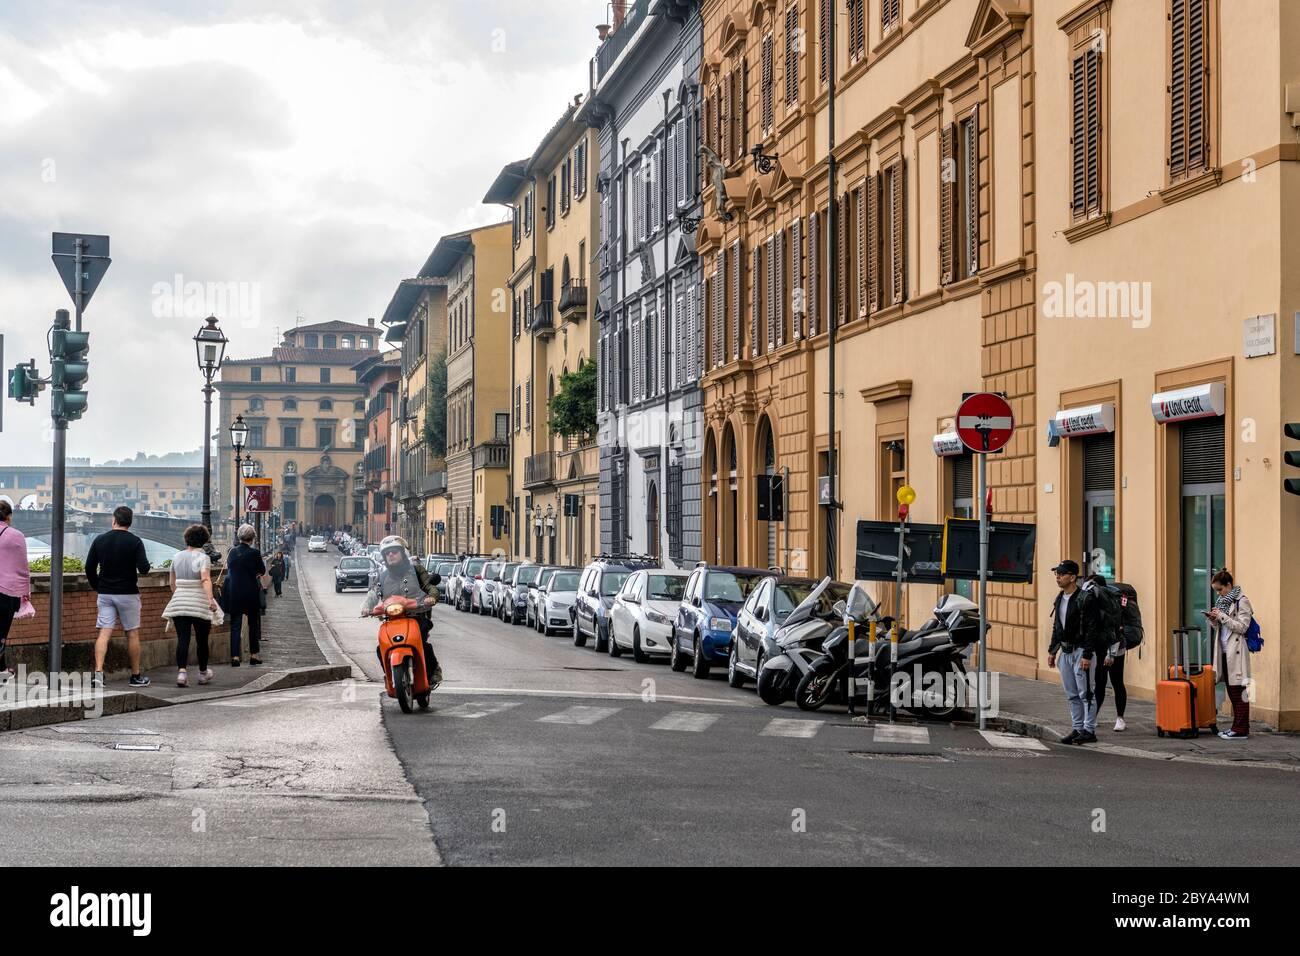 Morning Street - una vista in autunno tempestoso di una strada trafficata, lungo il fiume Arno, nel centro storico di Firenze. Toscana, Italia. Foto Stock